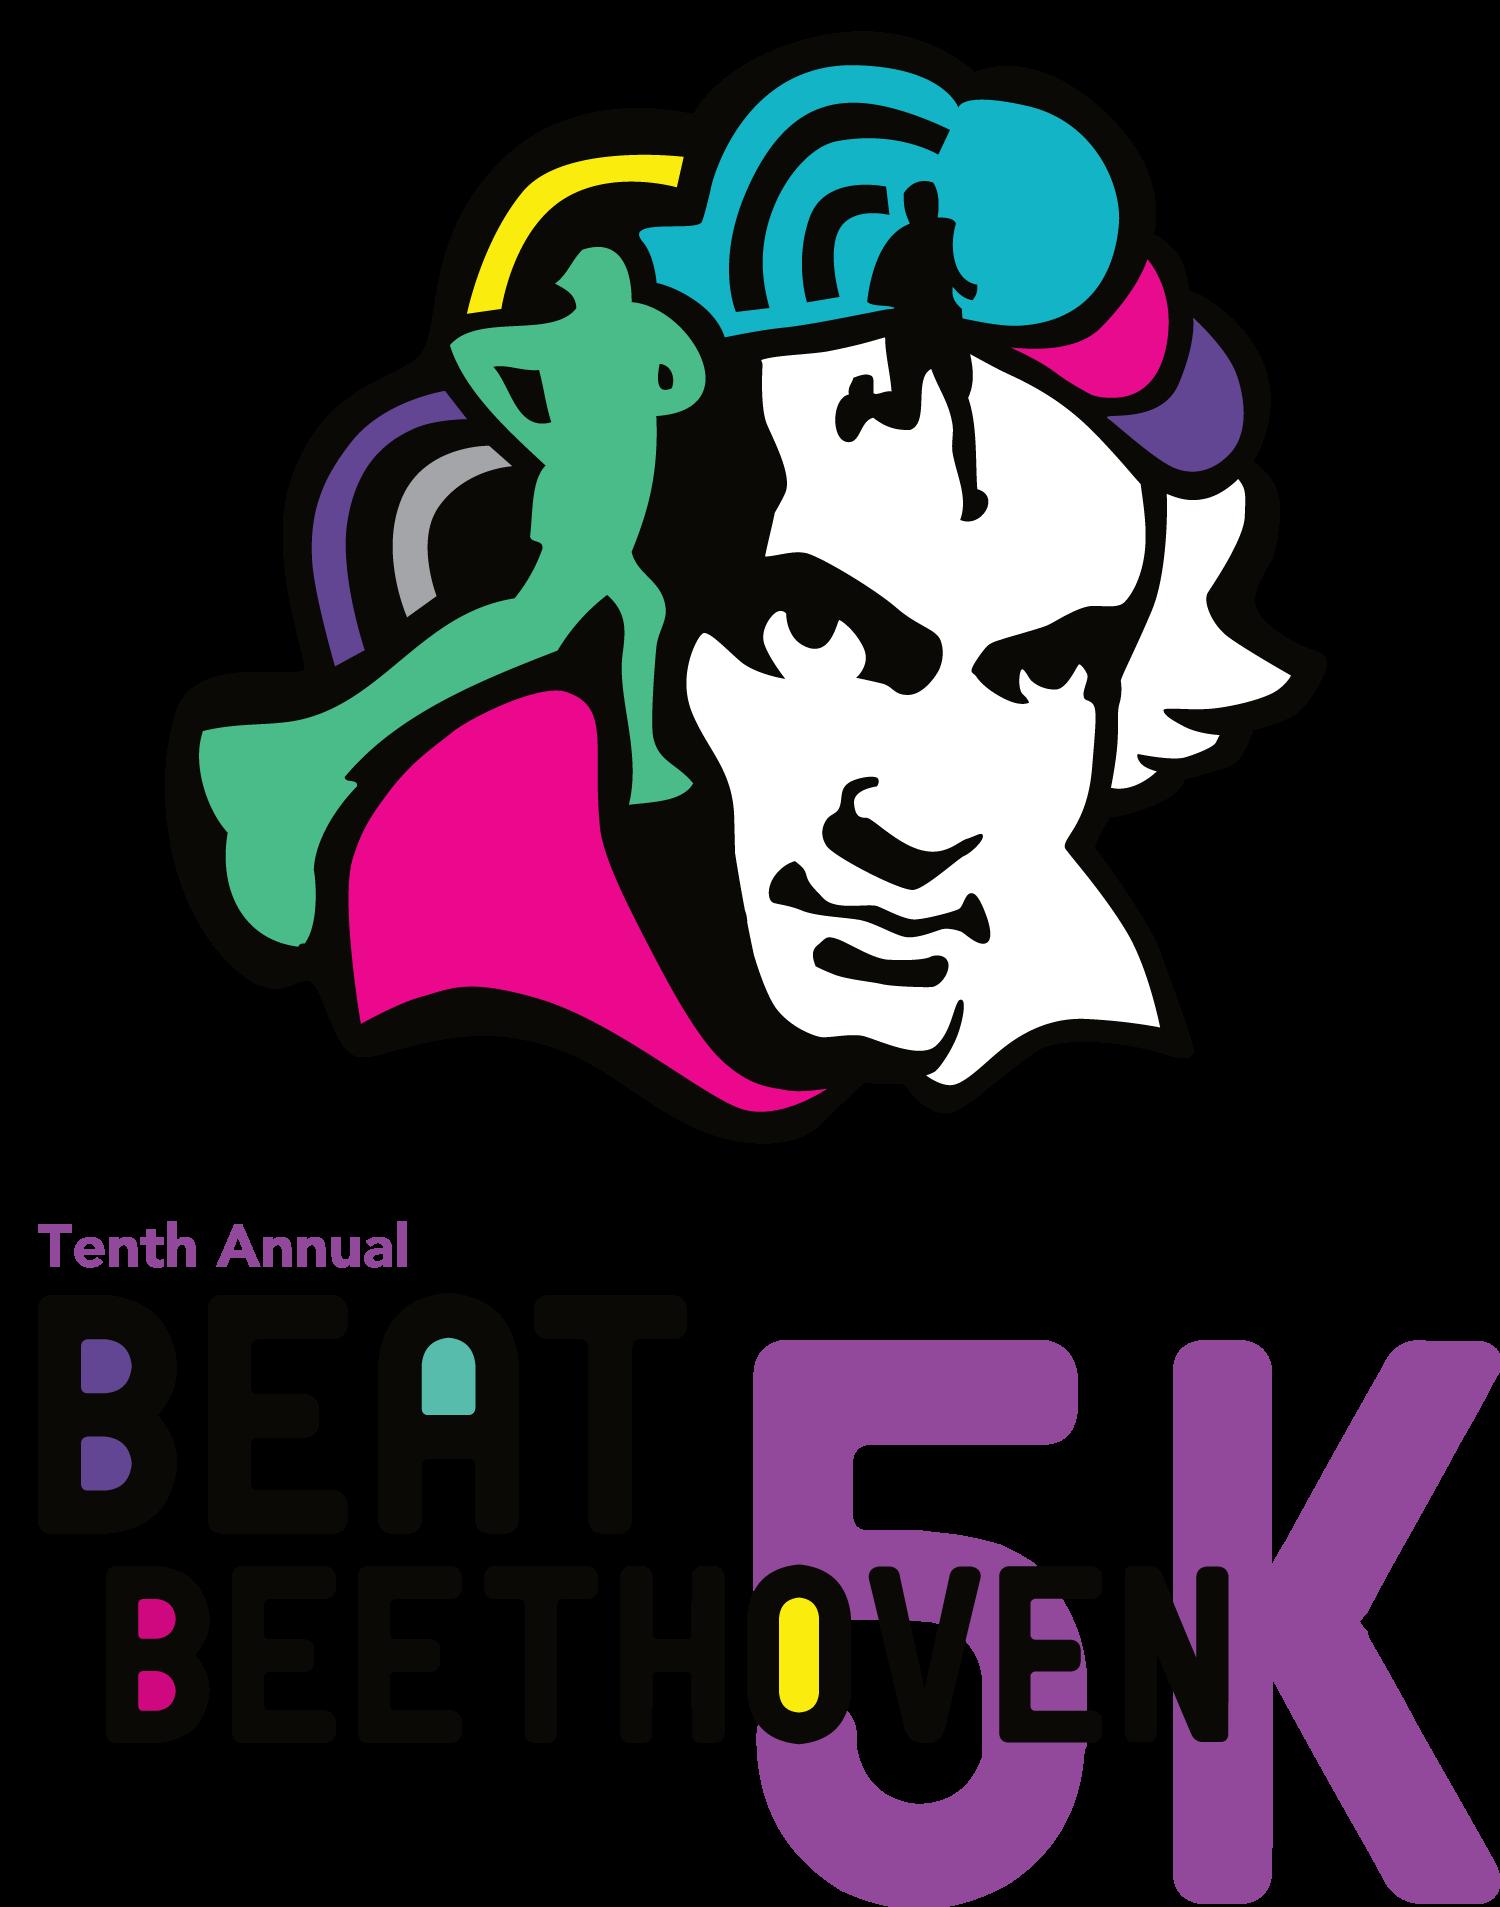 bb5k-1920-logo.png